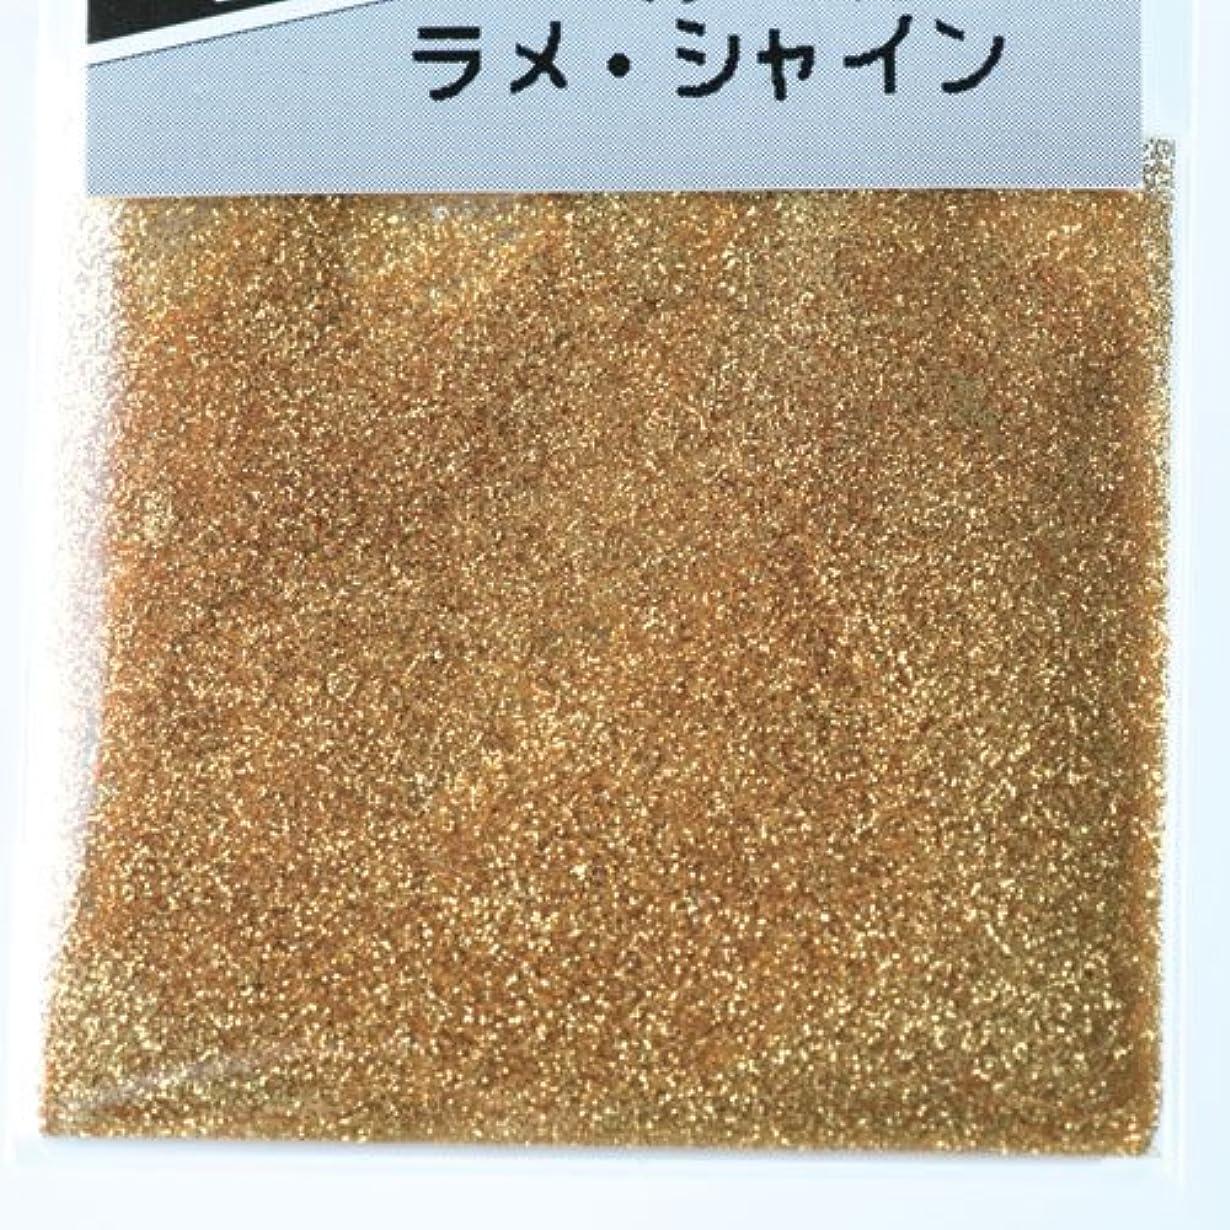 最終スーダン失望ピカエース ネイル用パウダー ピカエース ラメシャイン S #482 ゴールド 0.7g アート材